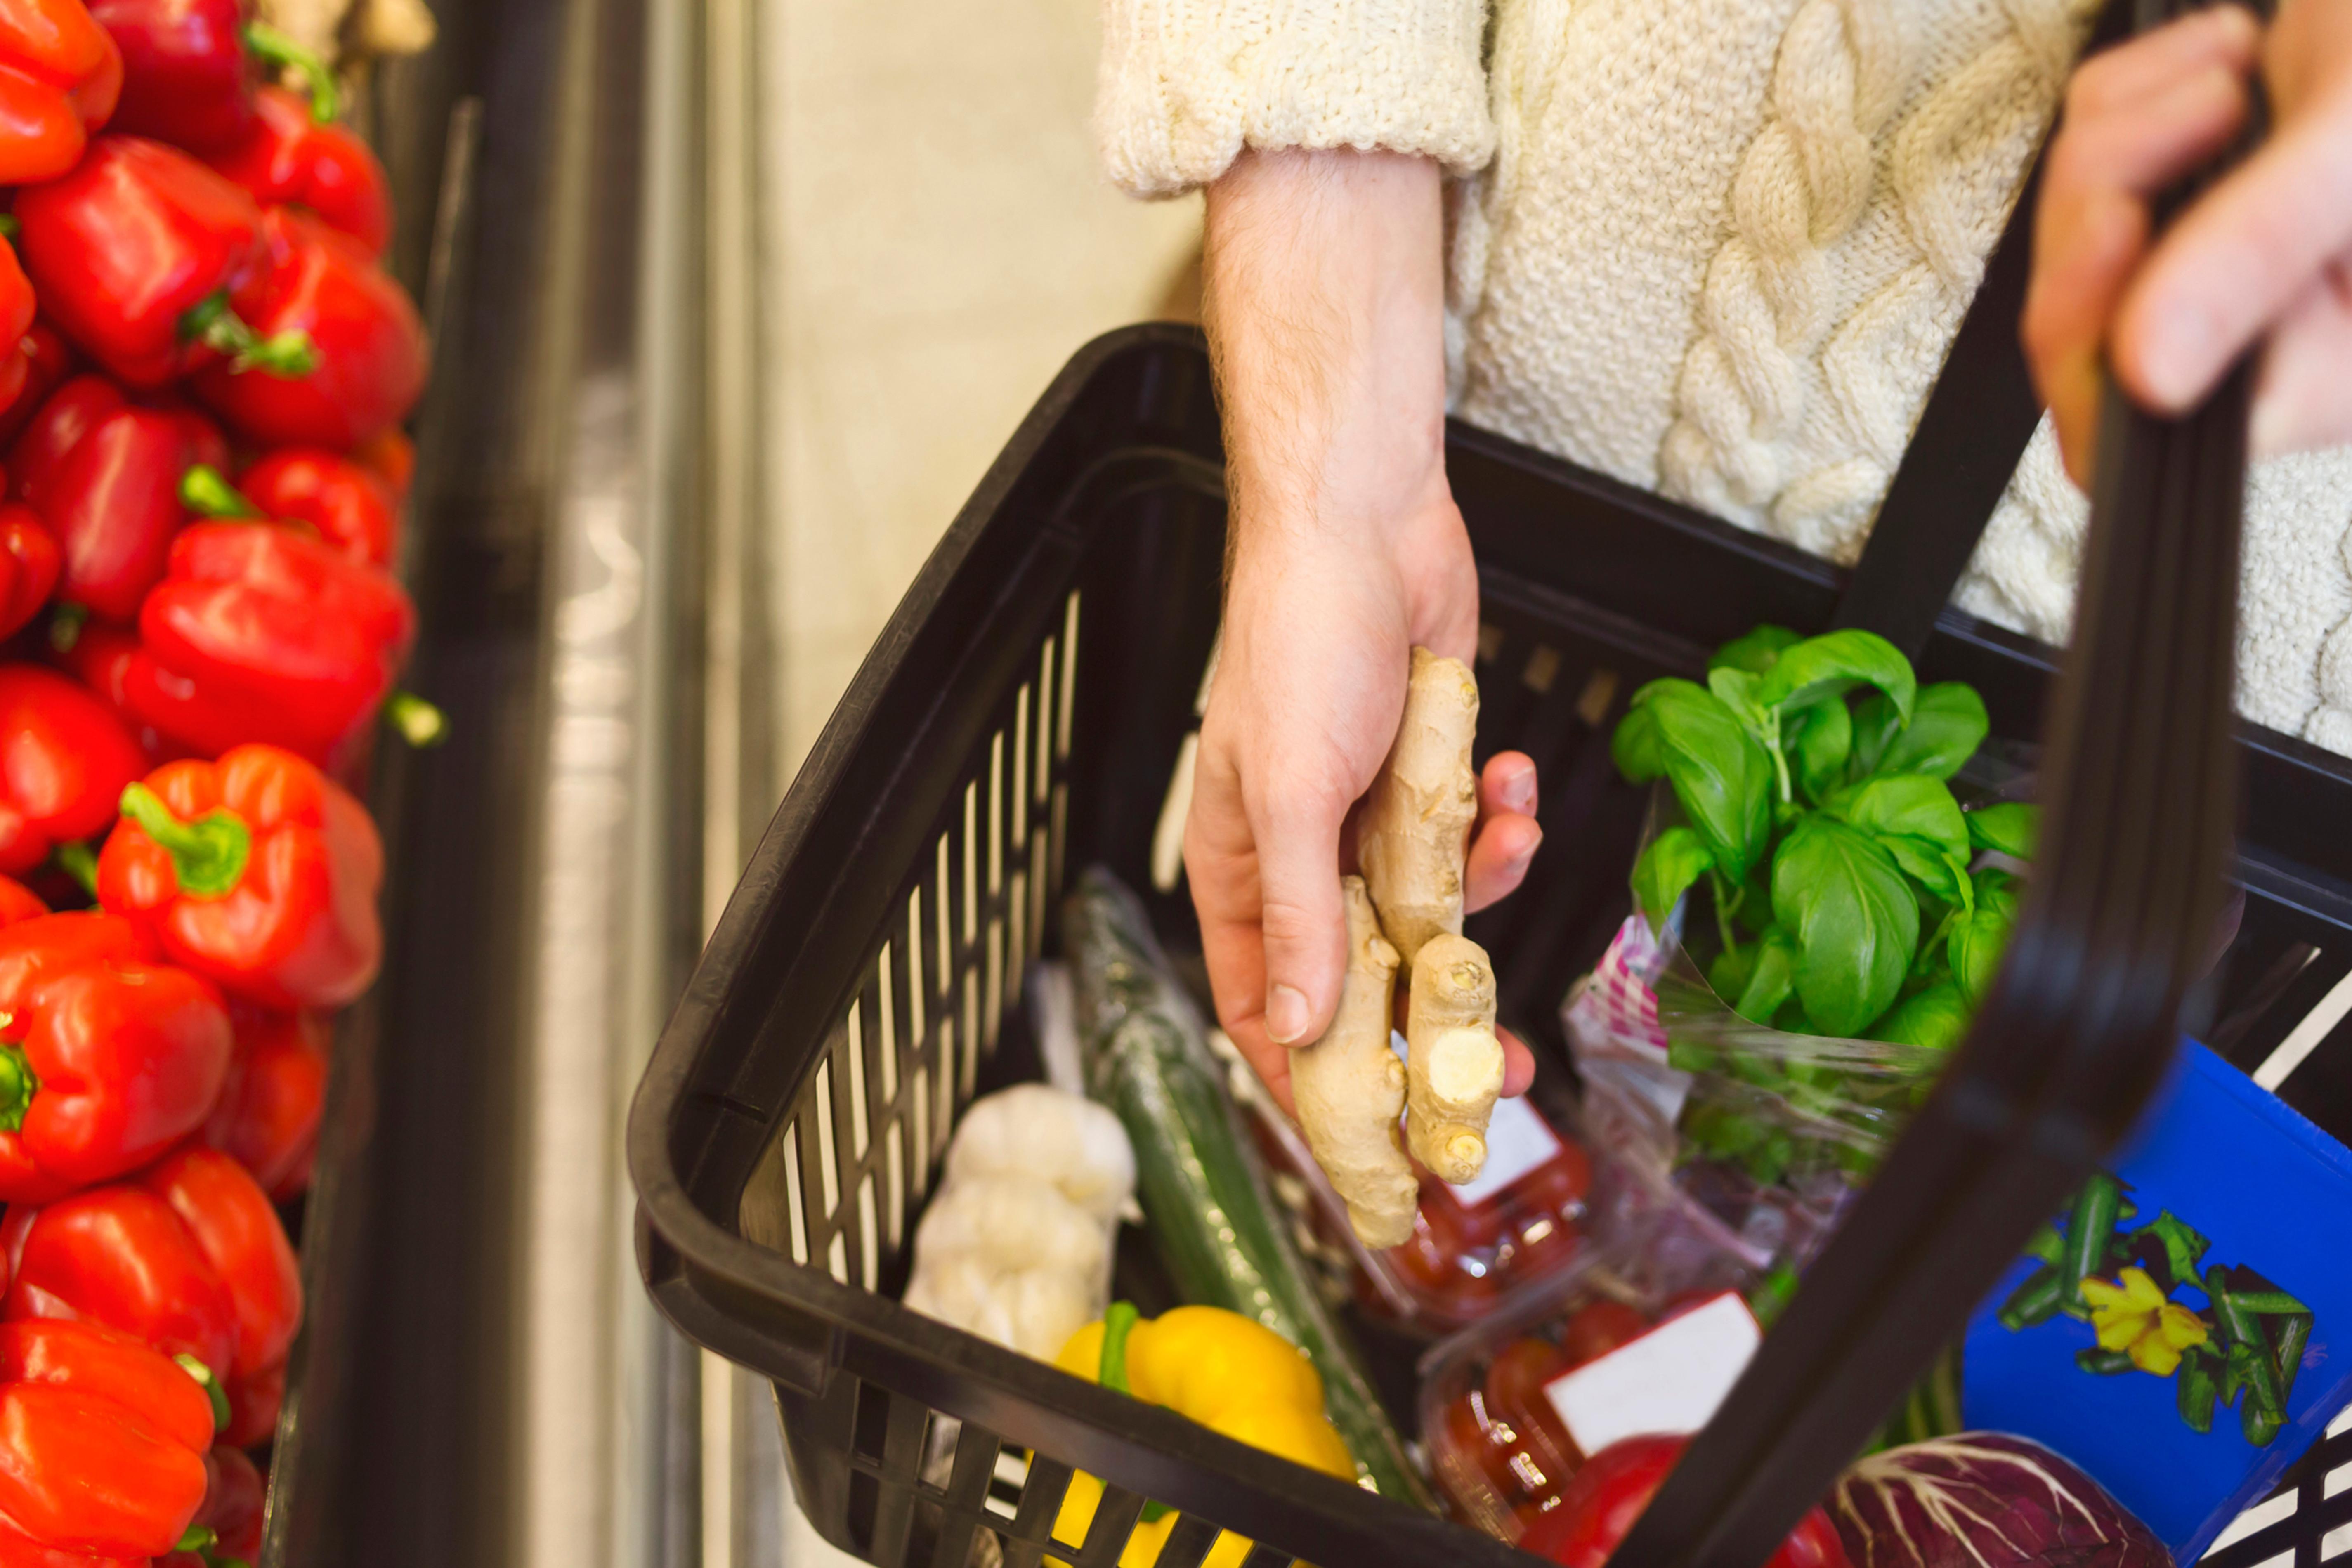 التسوق و المكملات الغذائية